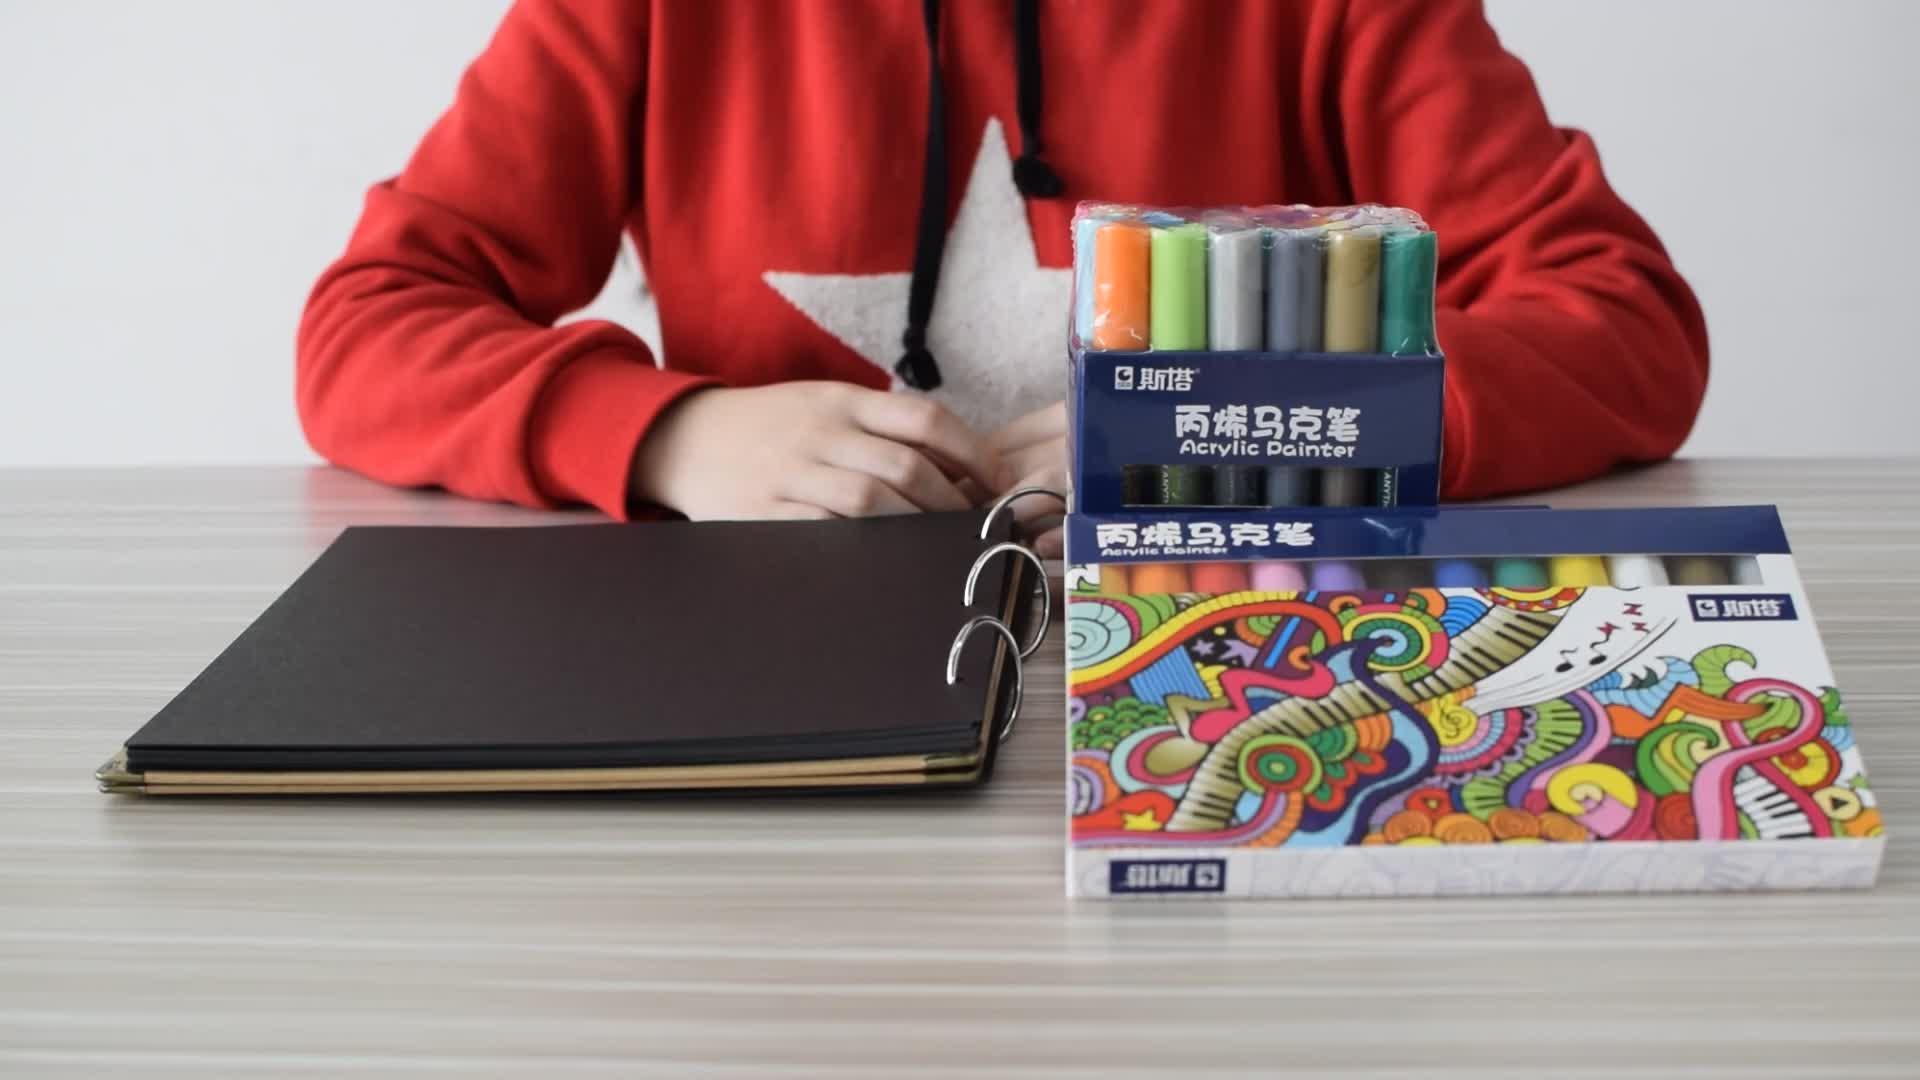 12 color pintura a base de agua pluma graffiti piedra cerámica marcador pluma respetuosos con el medio ambiente de mal gusto acrílico color marcador